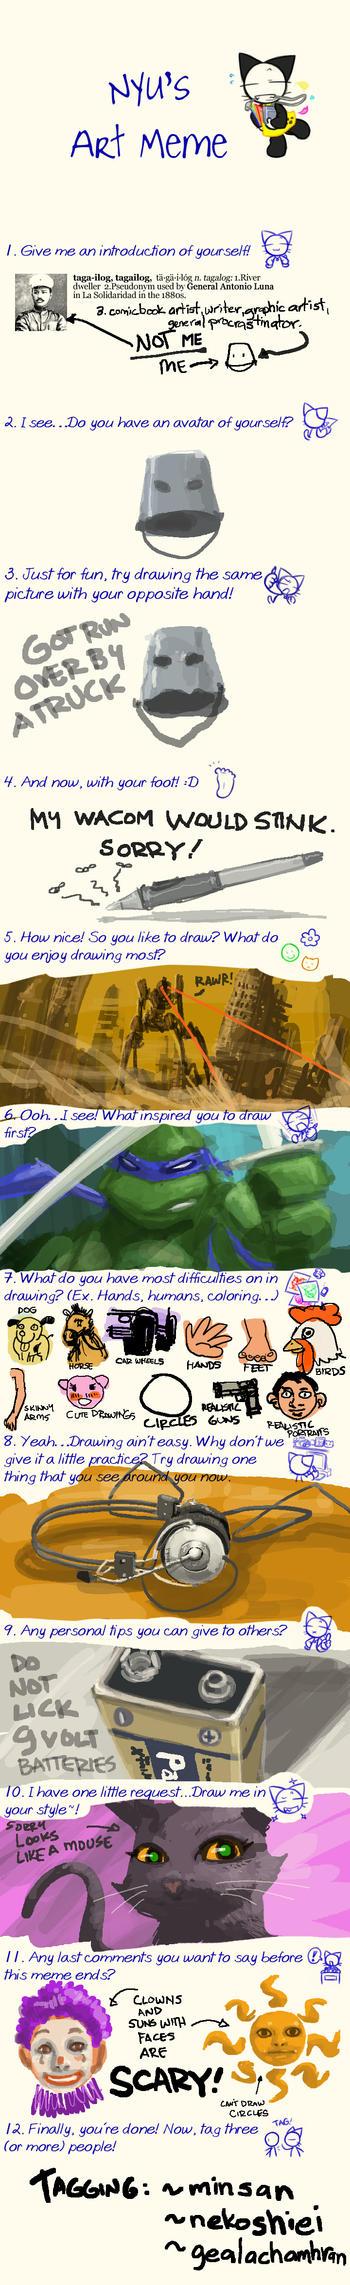 Tagailog's Nyu Art Meme by tagailog